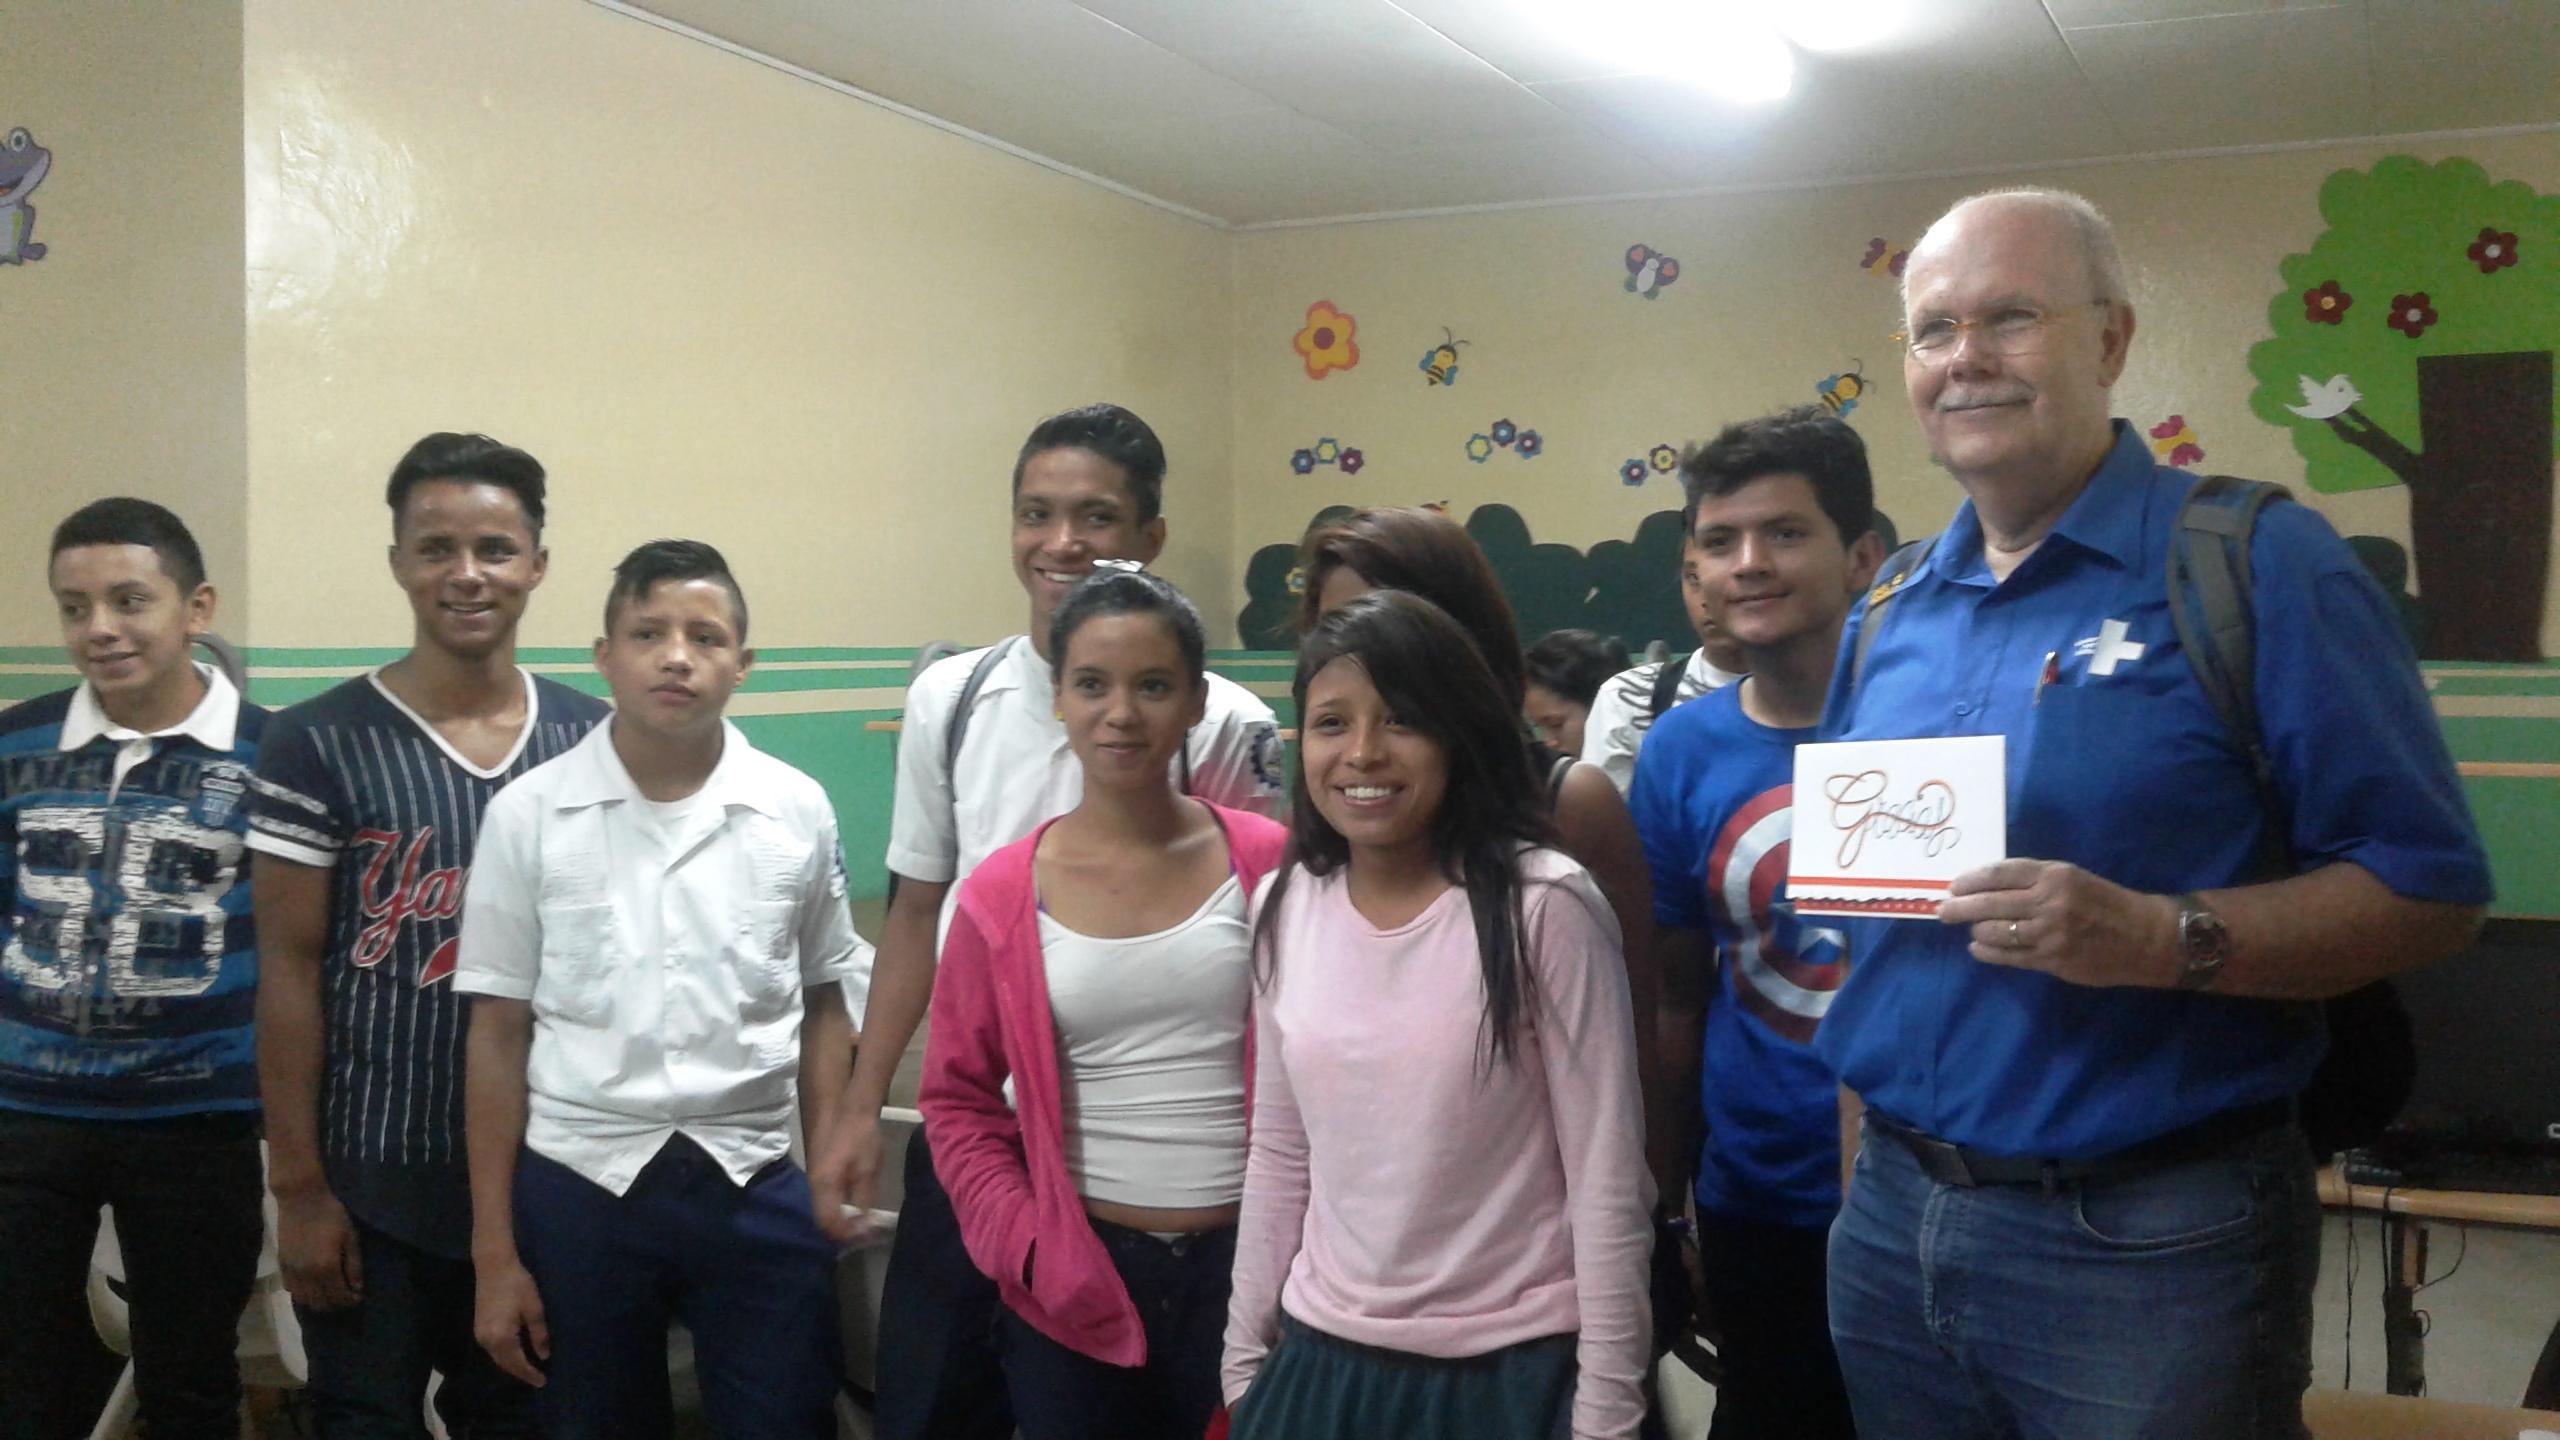 Kindernothilfe-Vorstand Christoph Dehn mit Jugendlichen im Zentrum von Casa Alianza. (Quelle: Kindernothilfe-Partner)